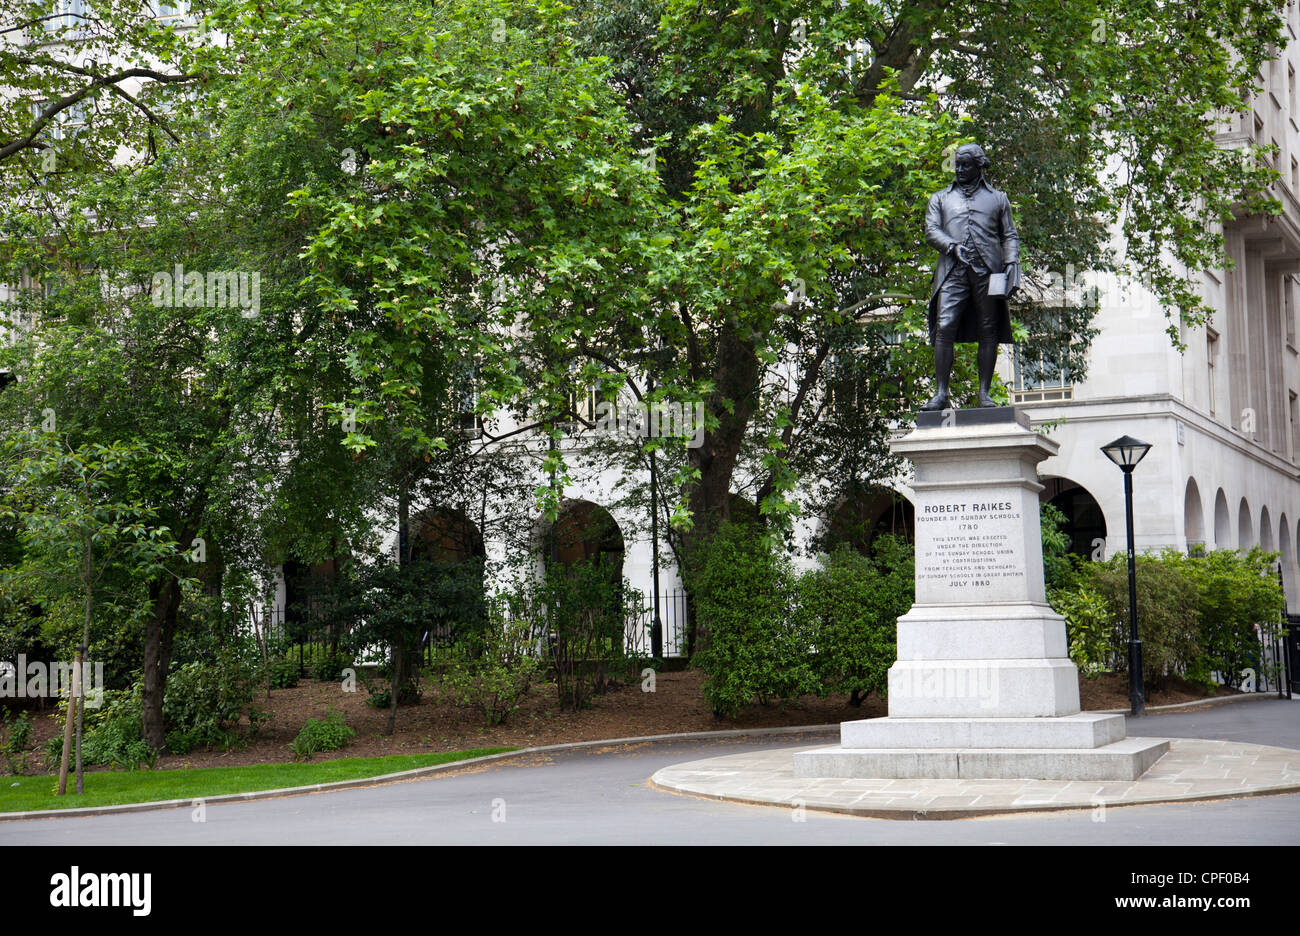 Statue Of Robert Raikes In Victoria Embankment Gardens London